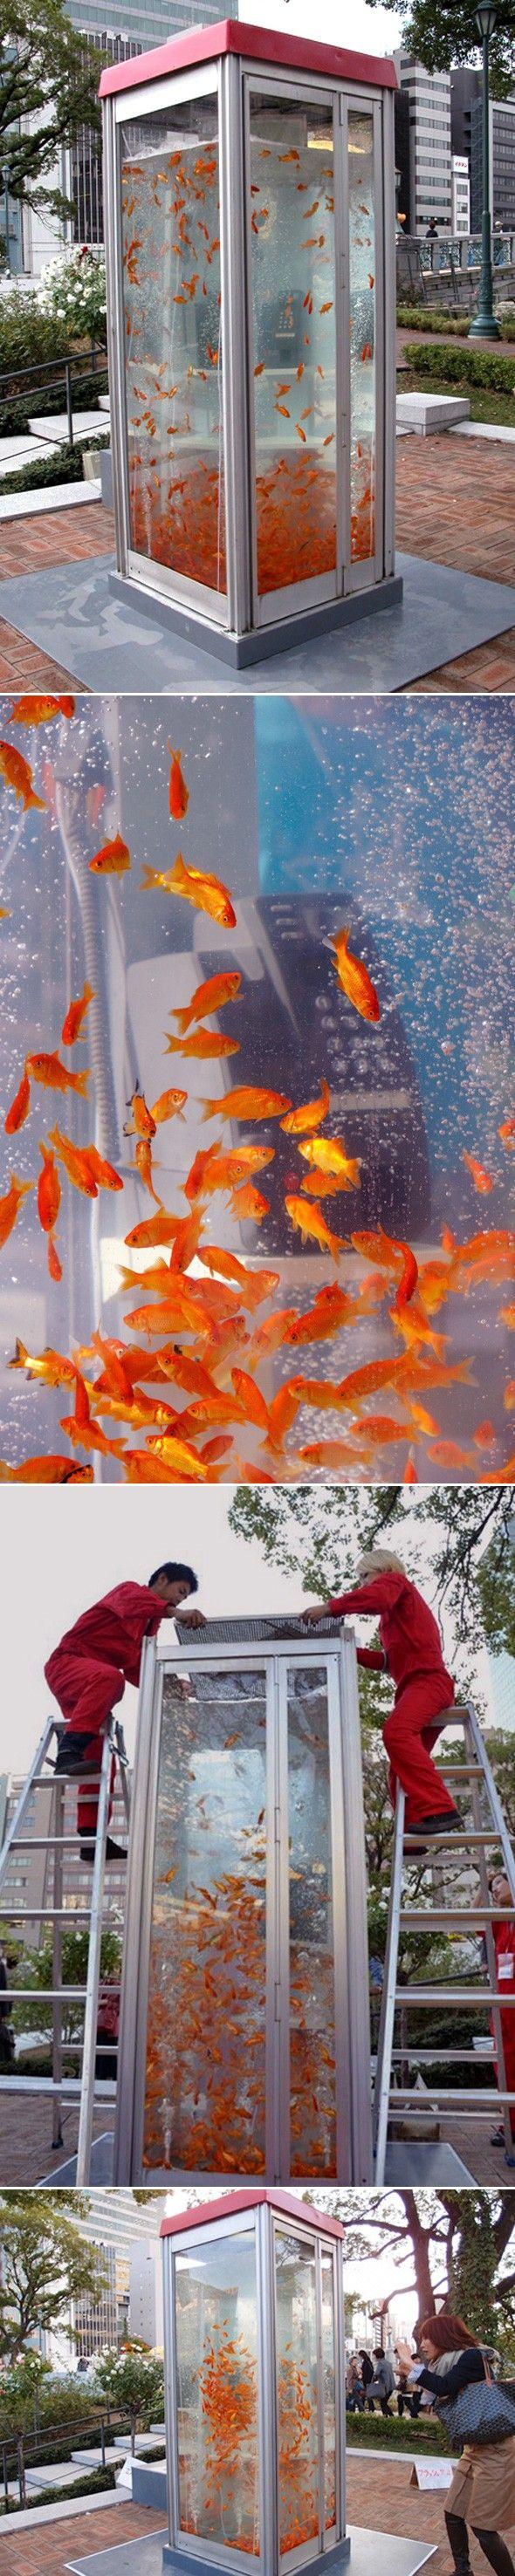 Cabine téléphonique transformée en aquarium - Journal du Design